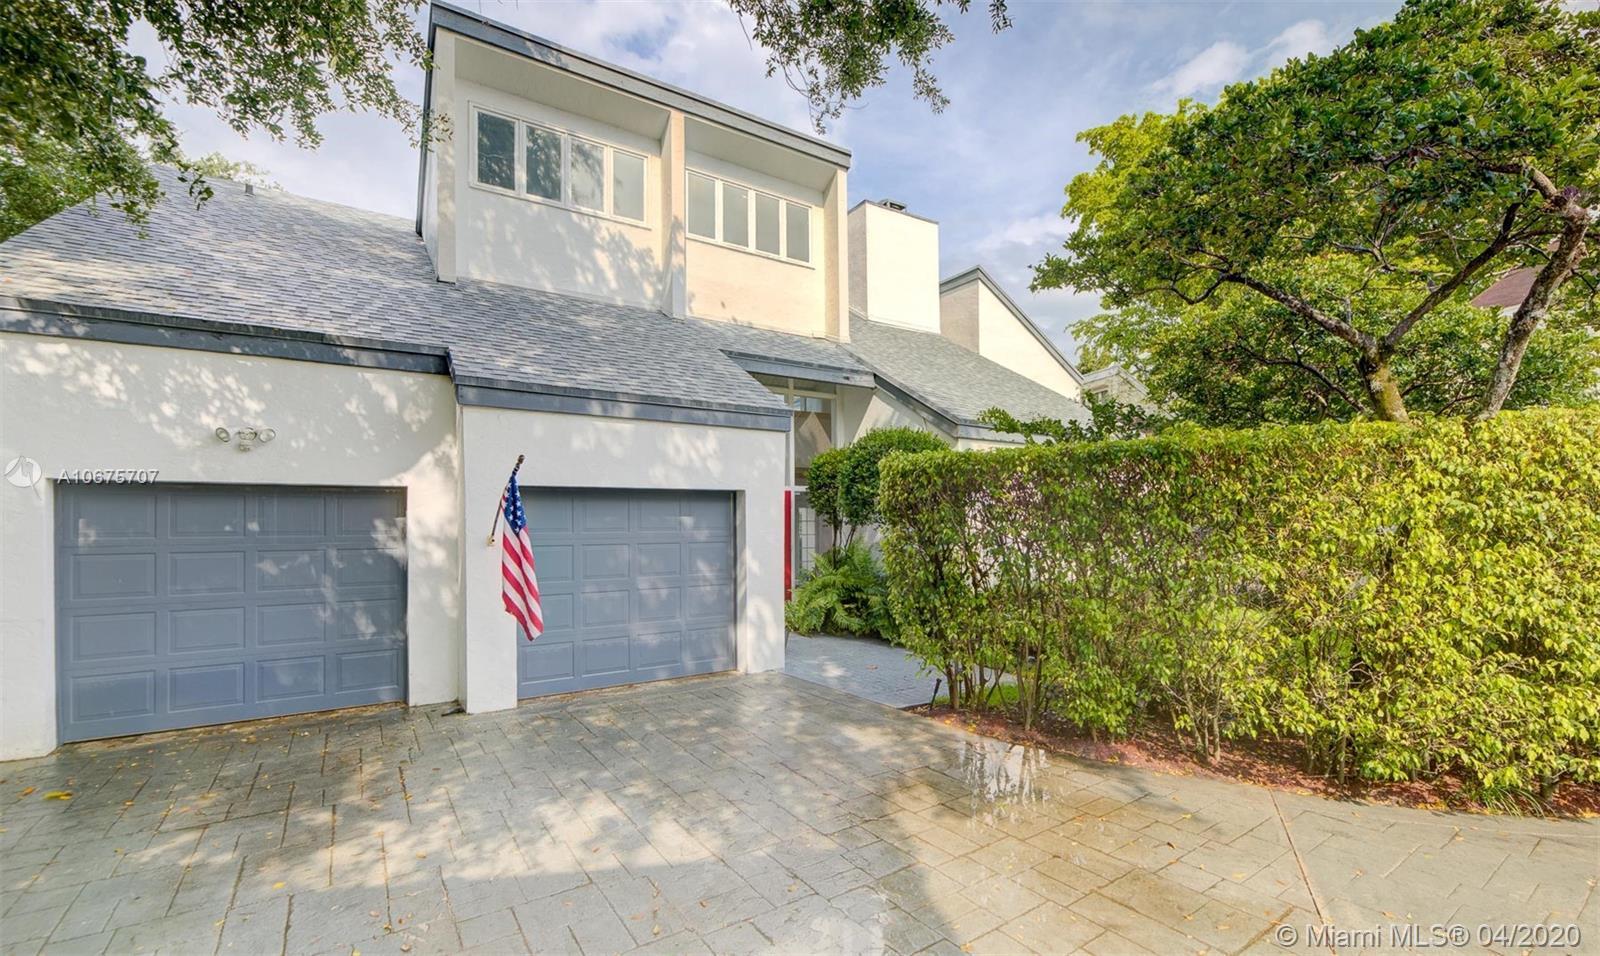 20221 W Oak Haven Cir  For Sale A10675707, FL